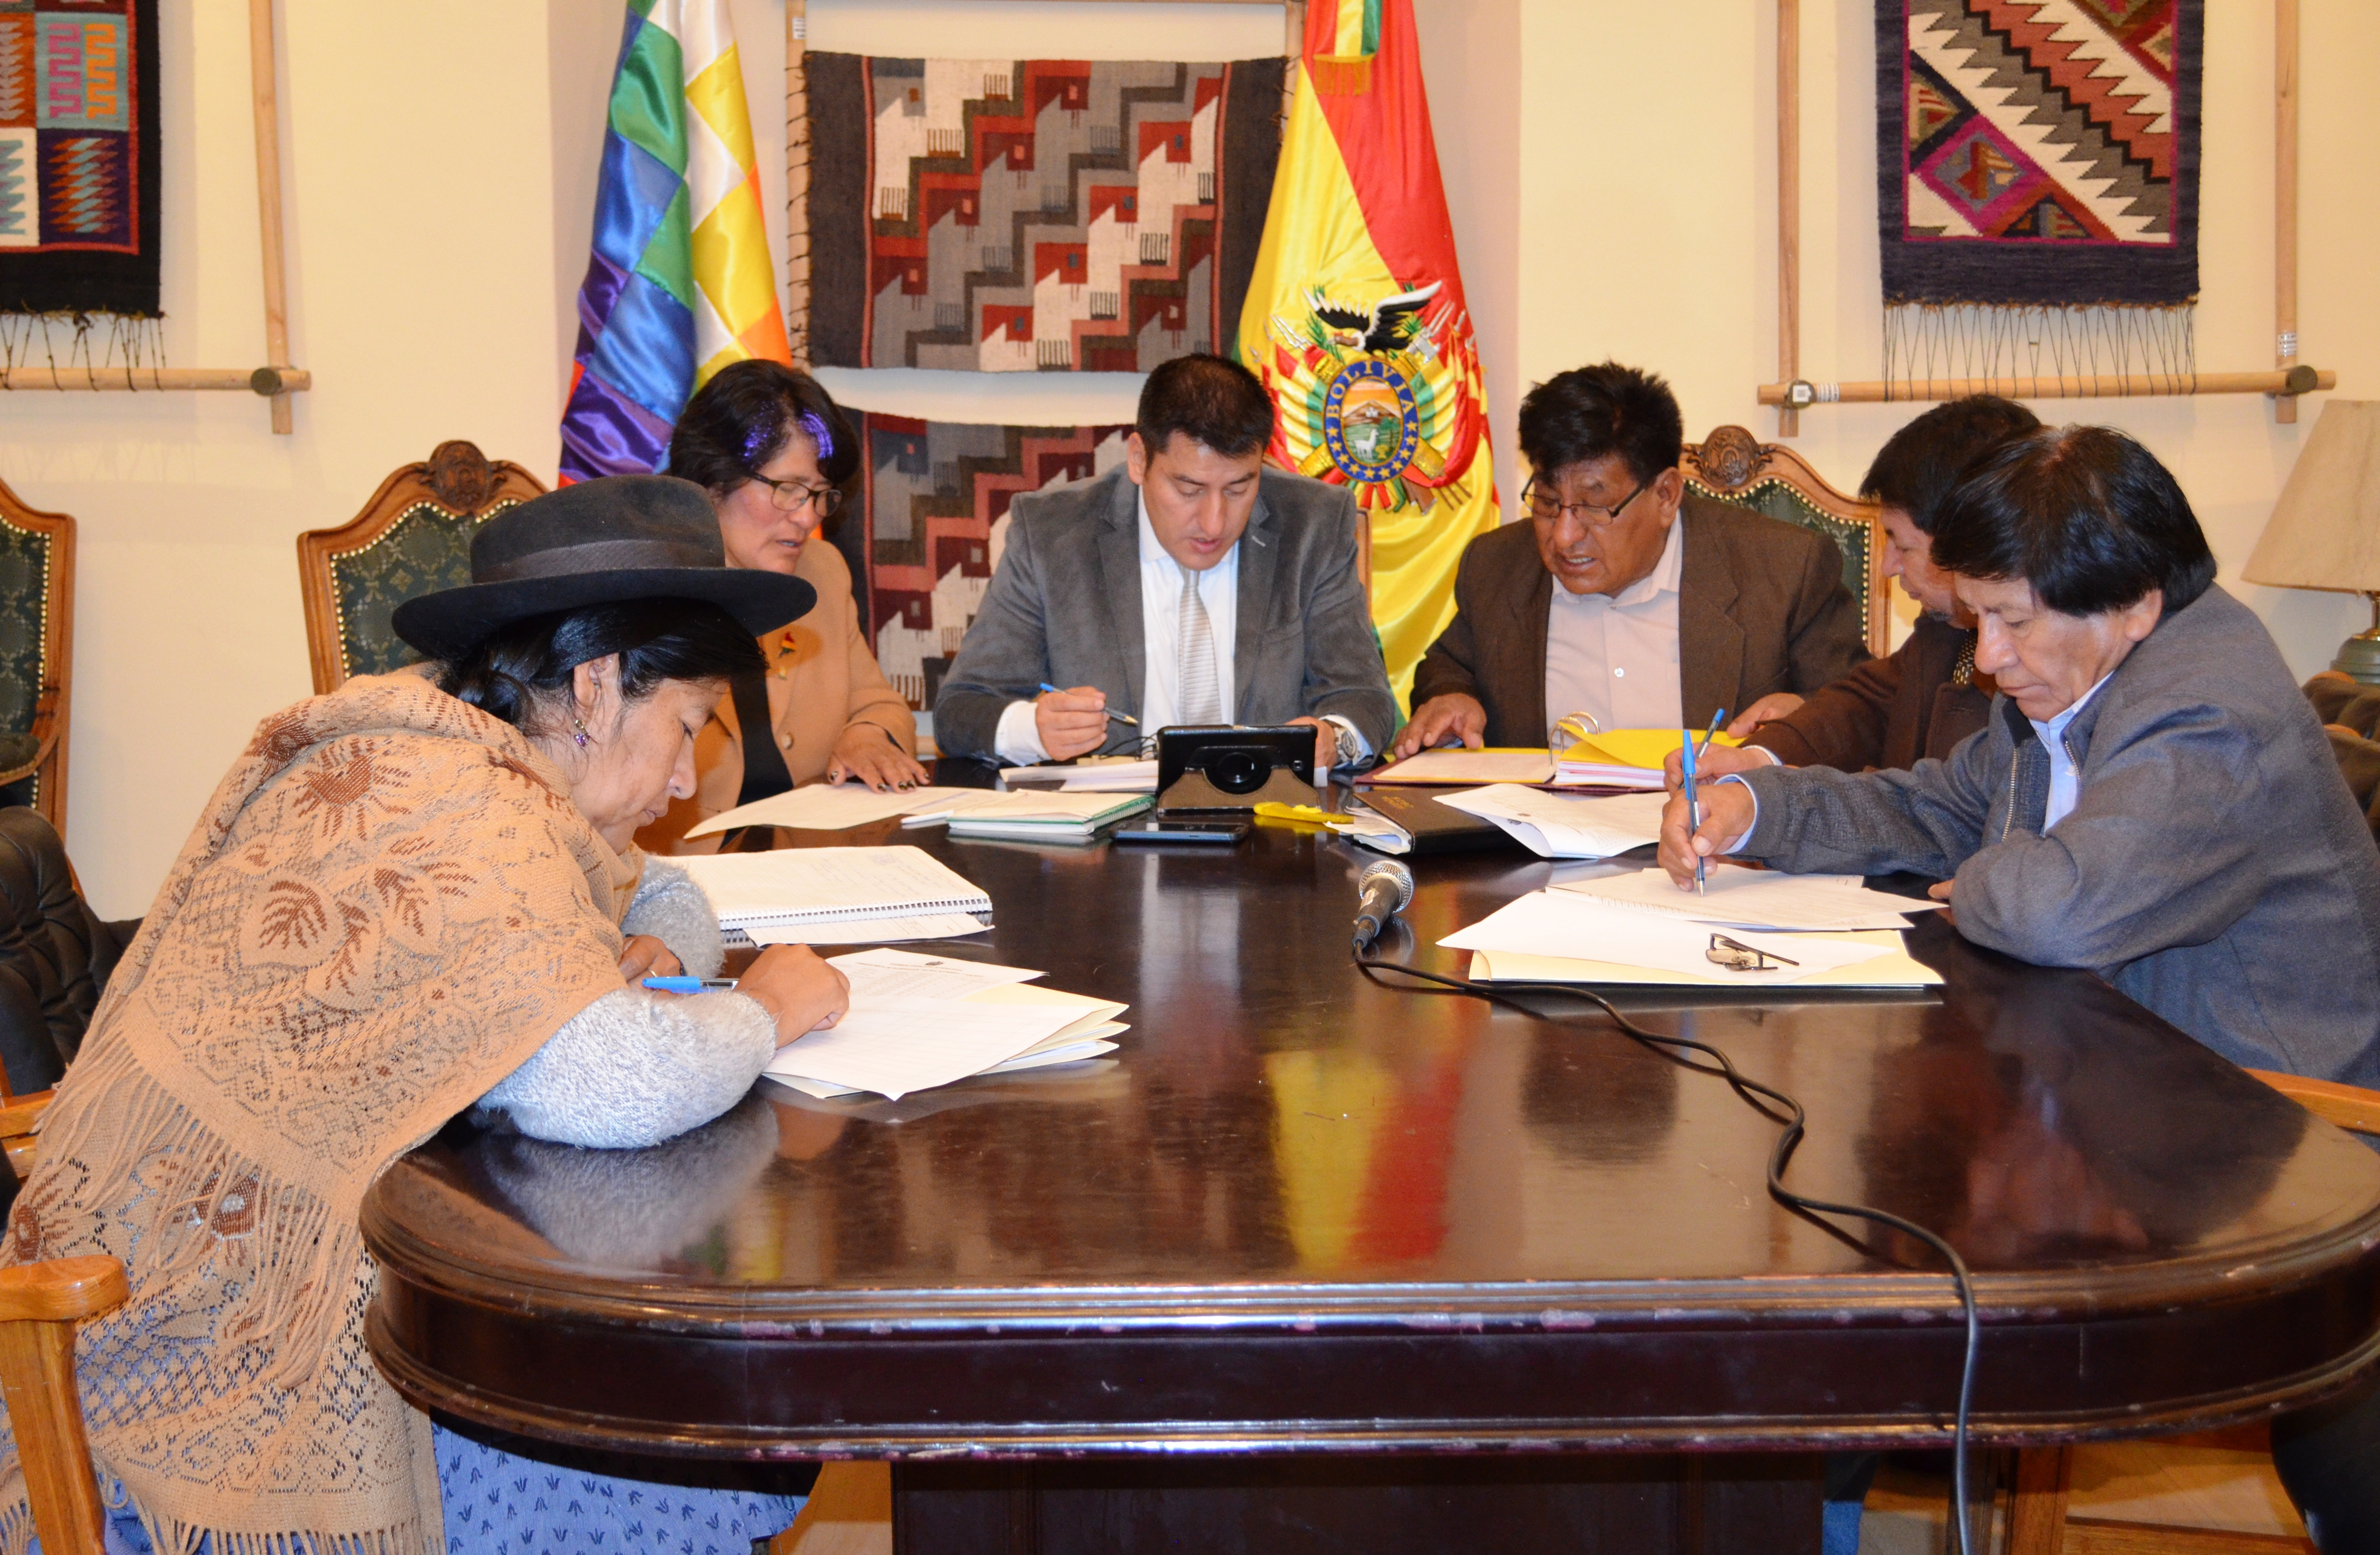 Comisión de Planificación inicia verificación de cumplimiento de requisitos de postulantes a Contralor en dos subcomisiones